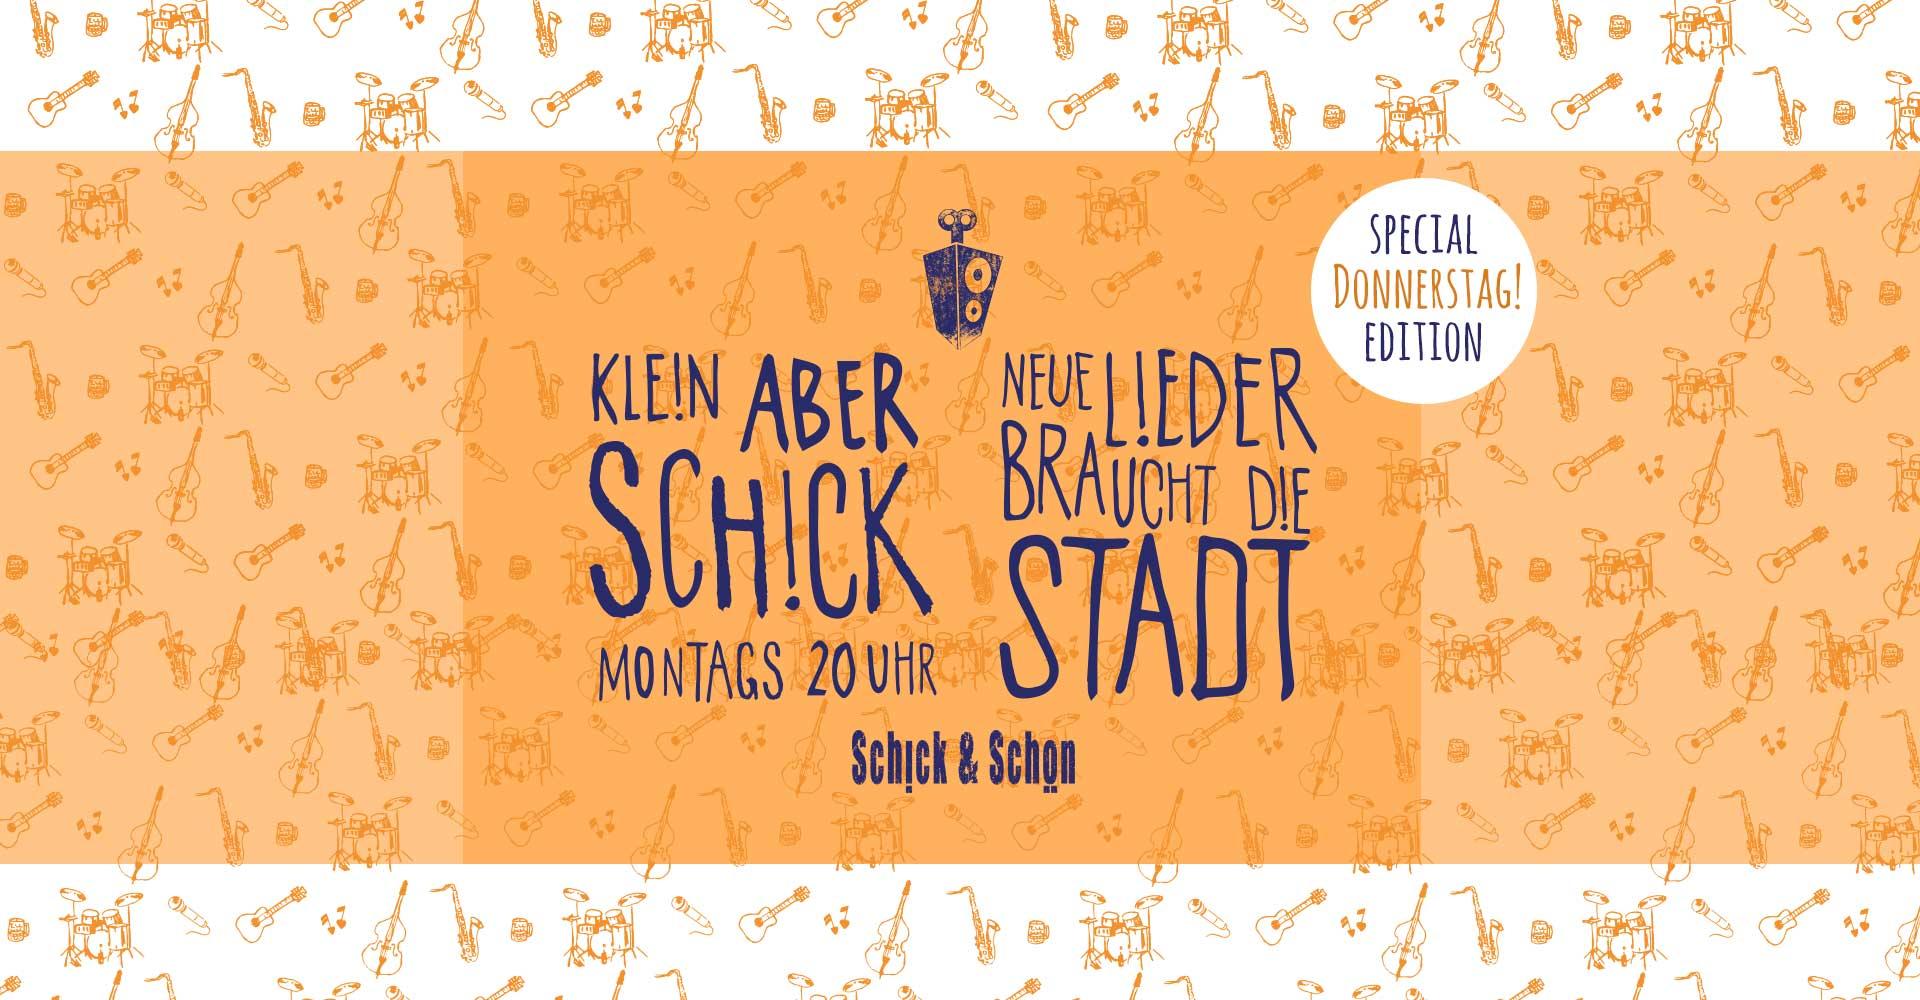 Klein-Aber-Schick-Special-edition-schick-und-schön-Mainz-Musikmaschine-Events-Veranstaltungen-Konzerte